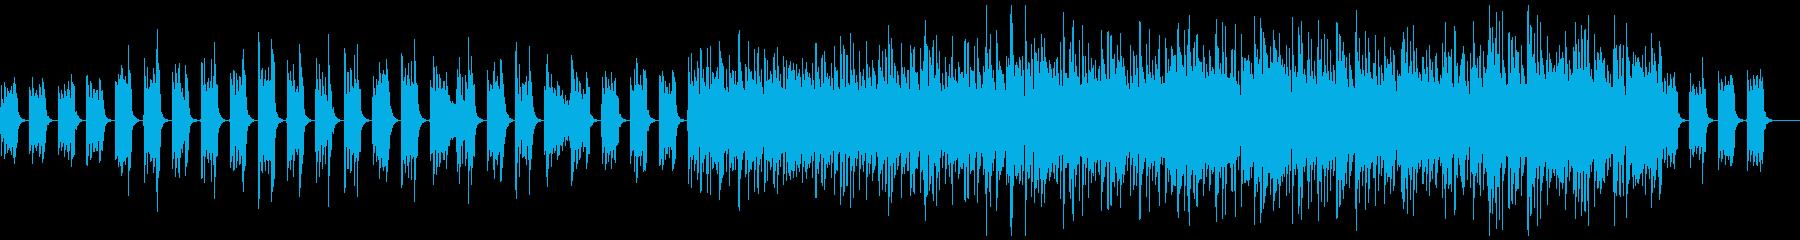 中世風のギター生演奏:太古の森の再生済みの波形